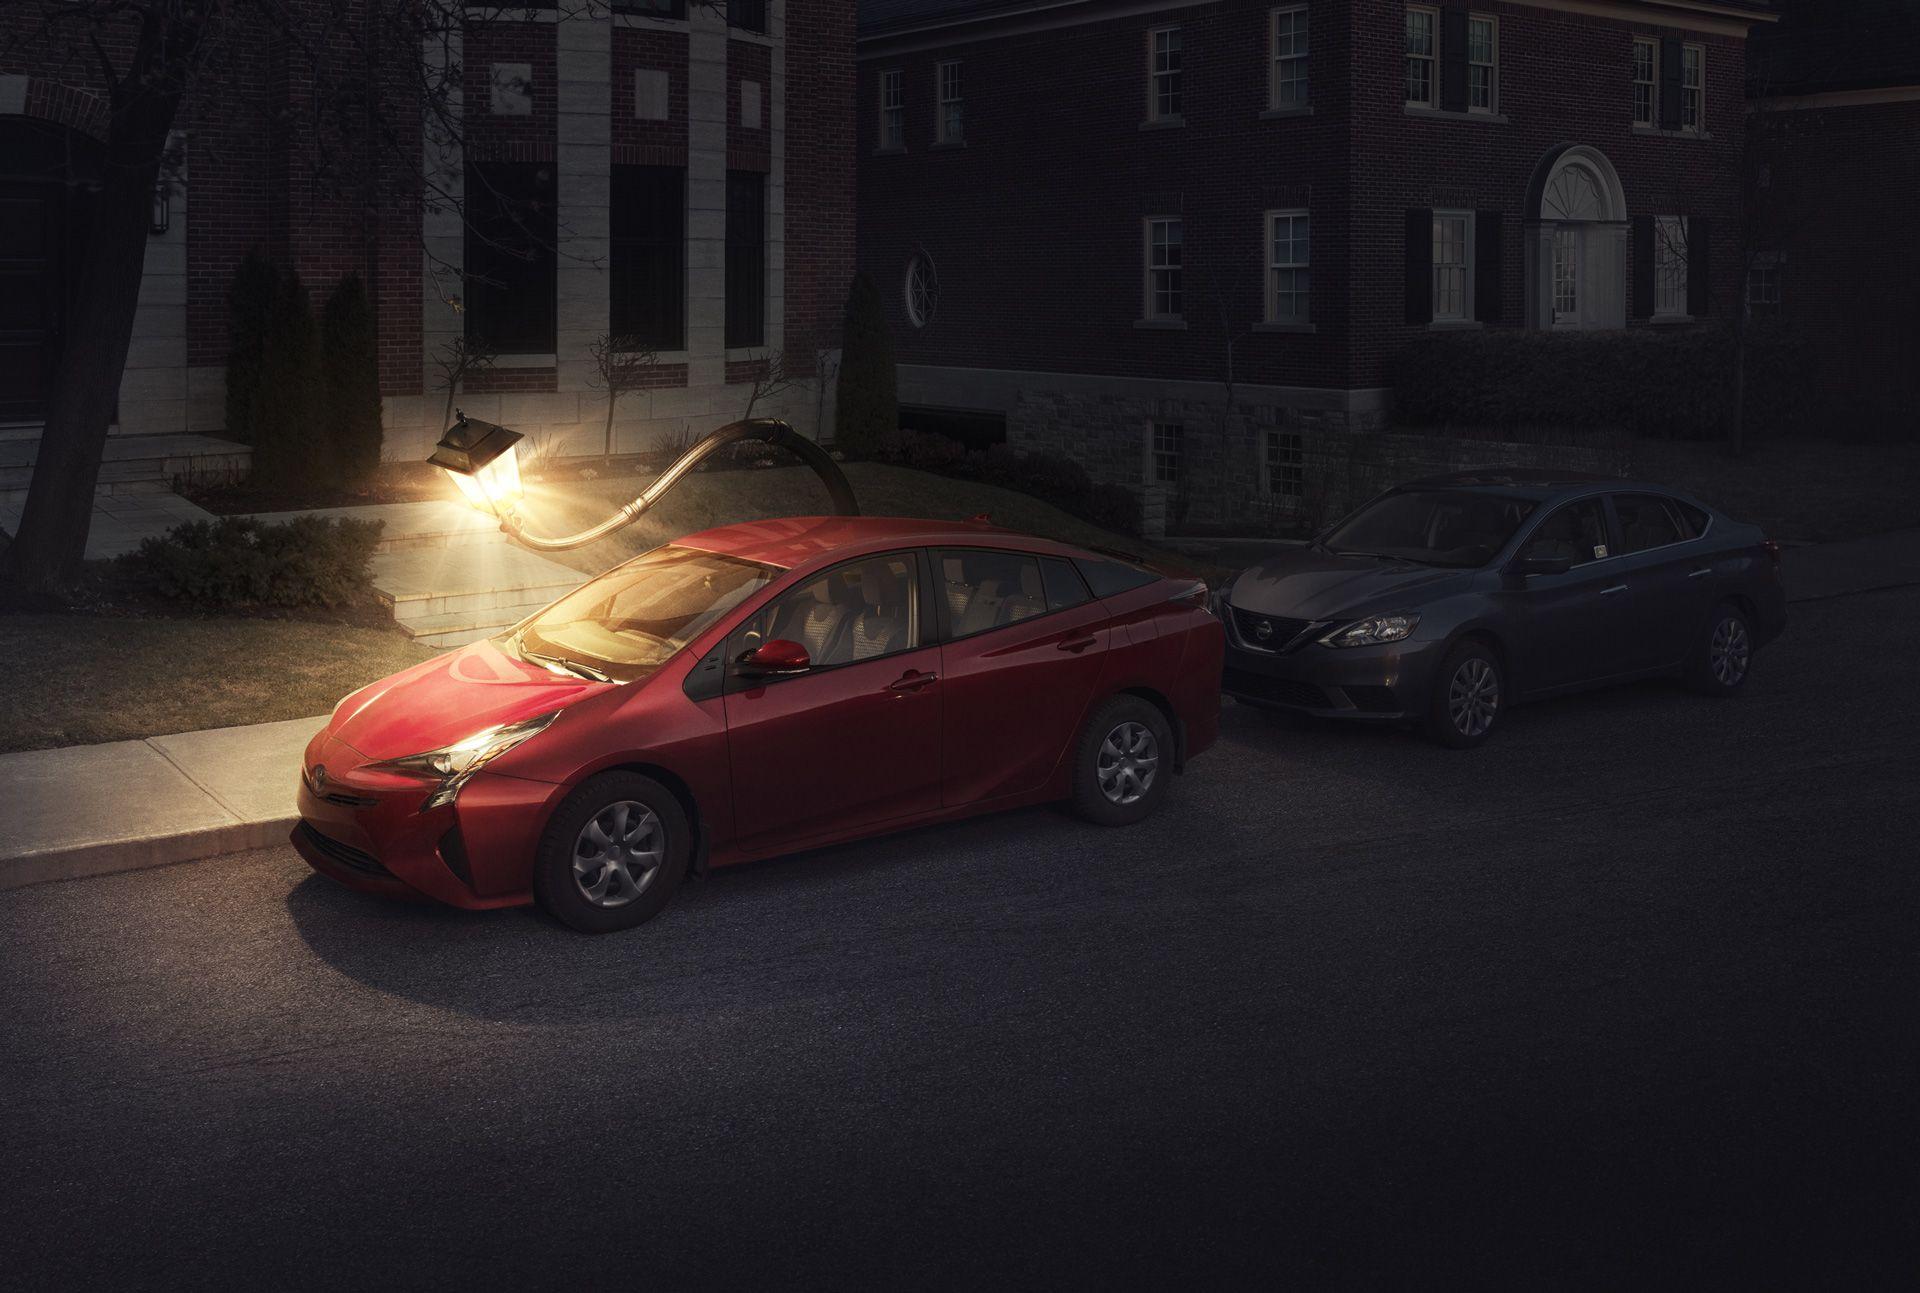 street lamp bending to illuminate a red car by Simon Duhamel for Sherlock